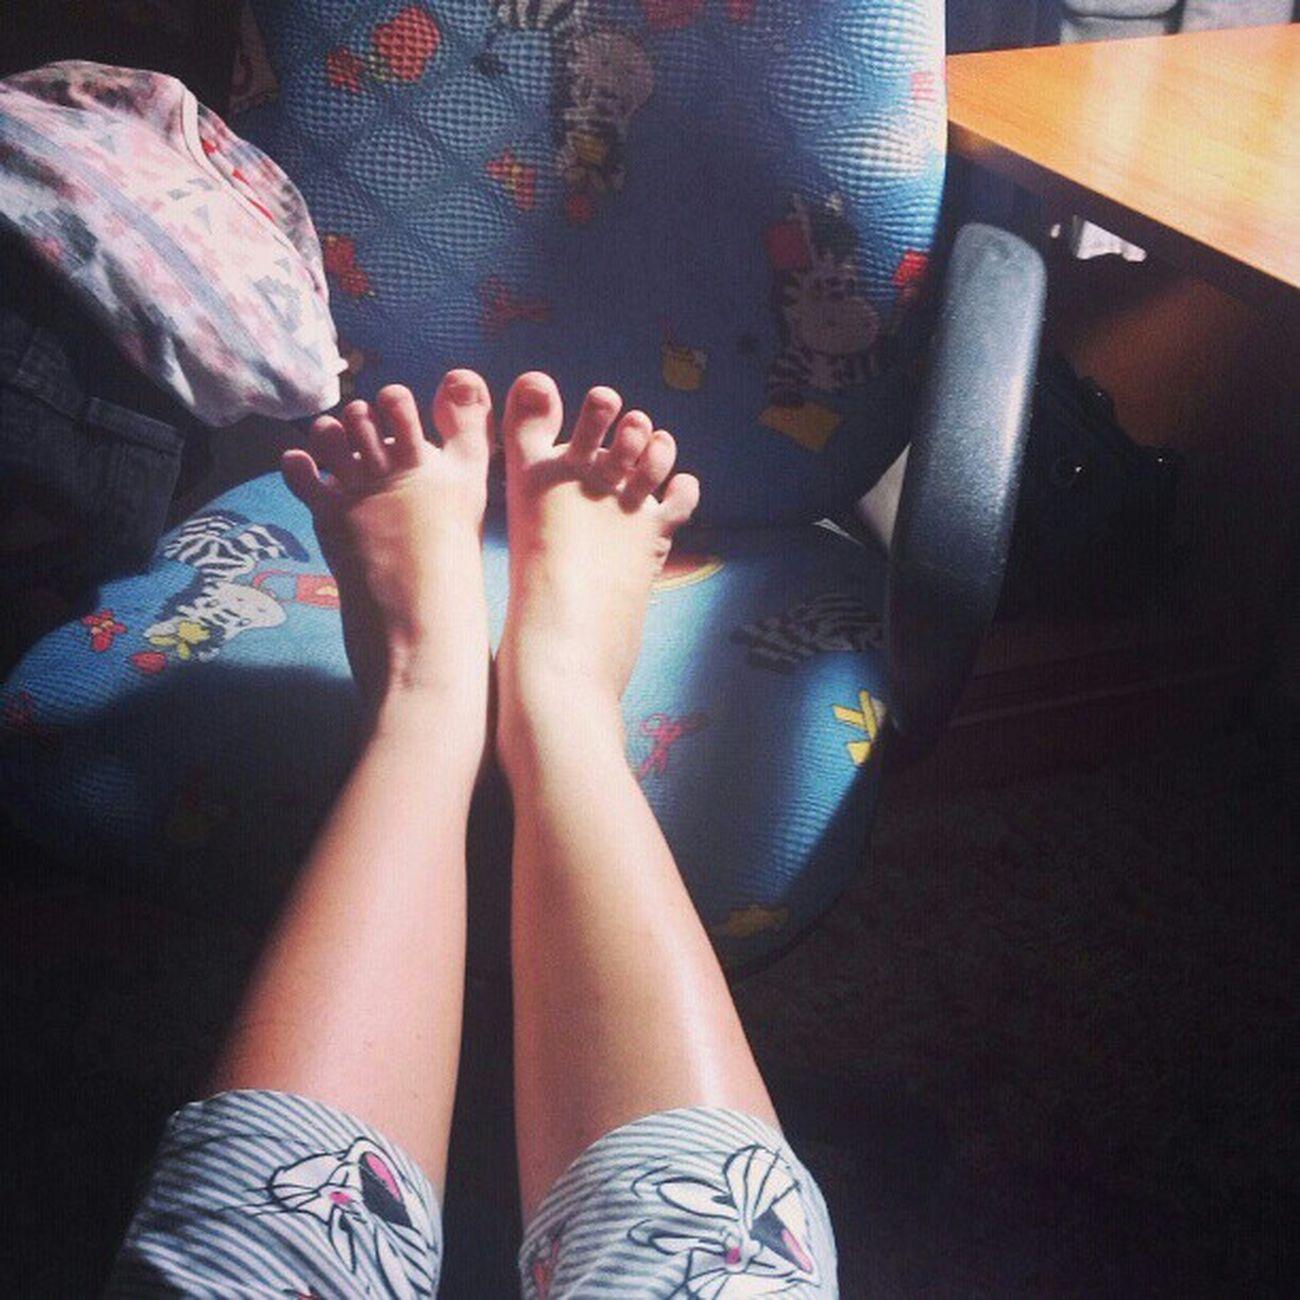 мы с ногами веселимся йоу фото я instaphoto instalove instagood